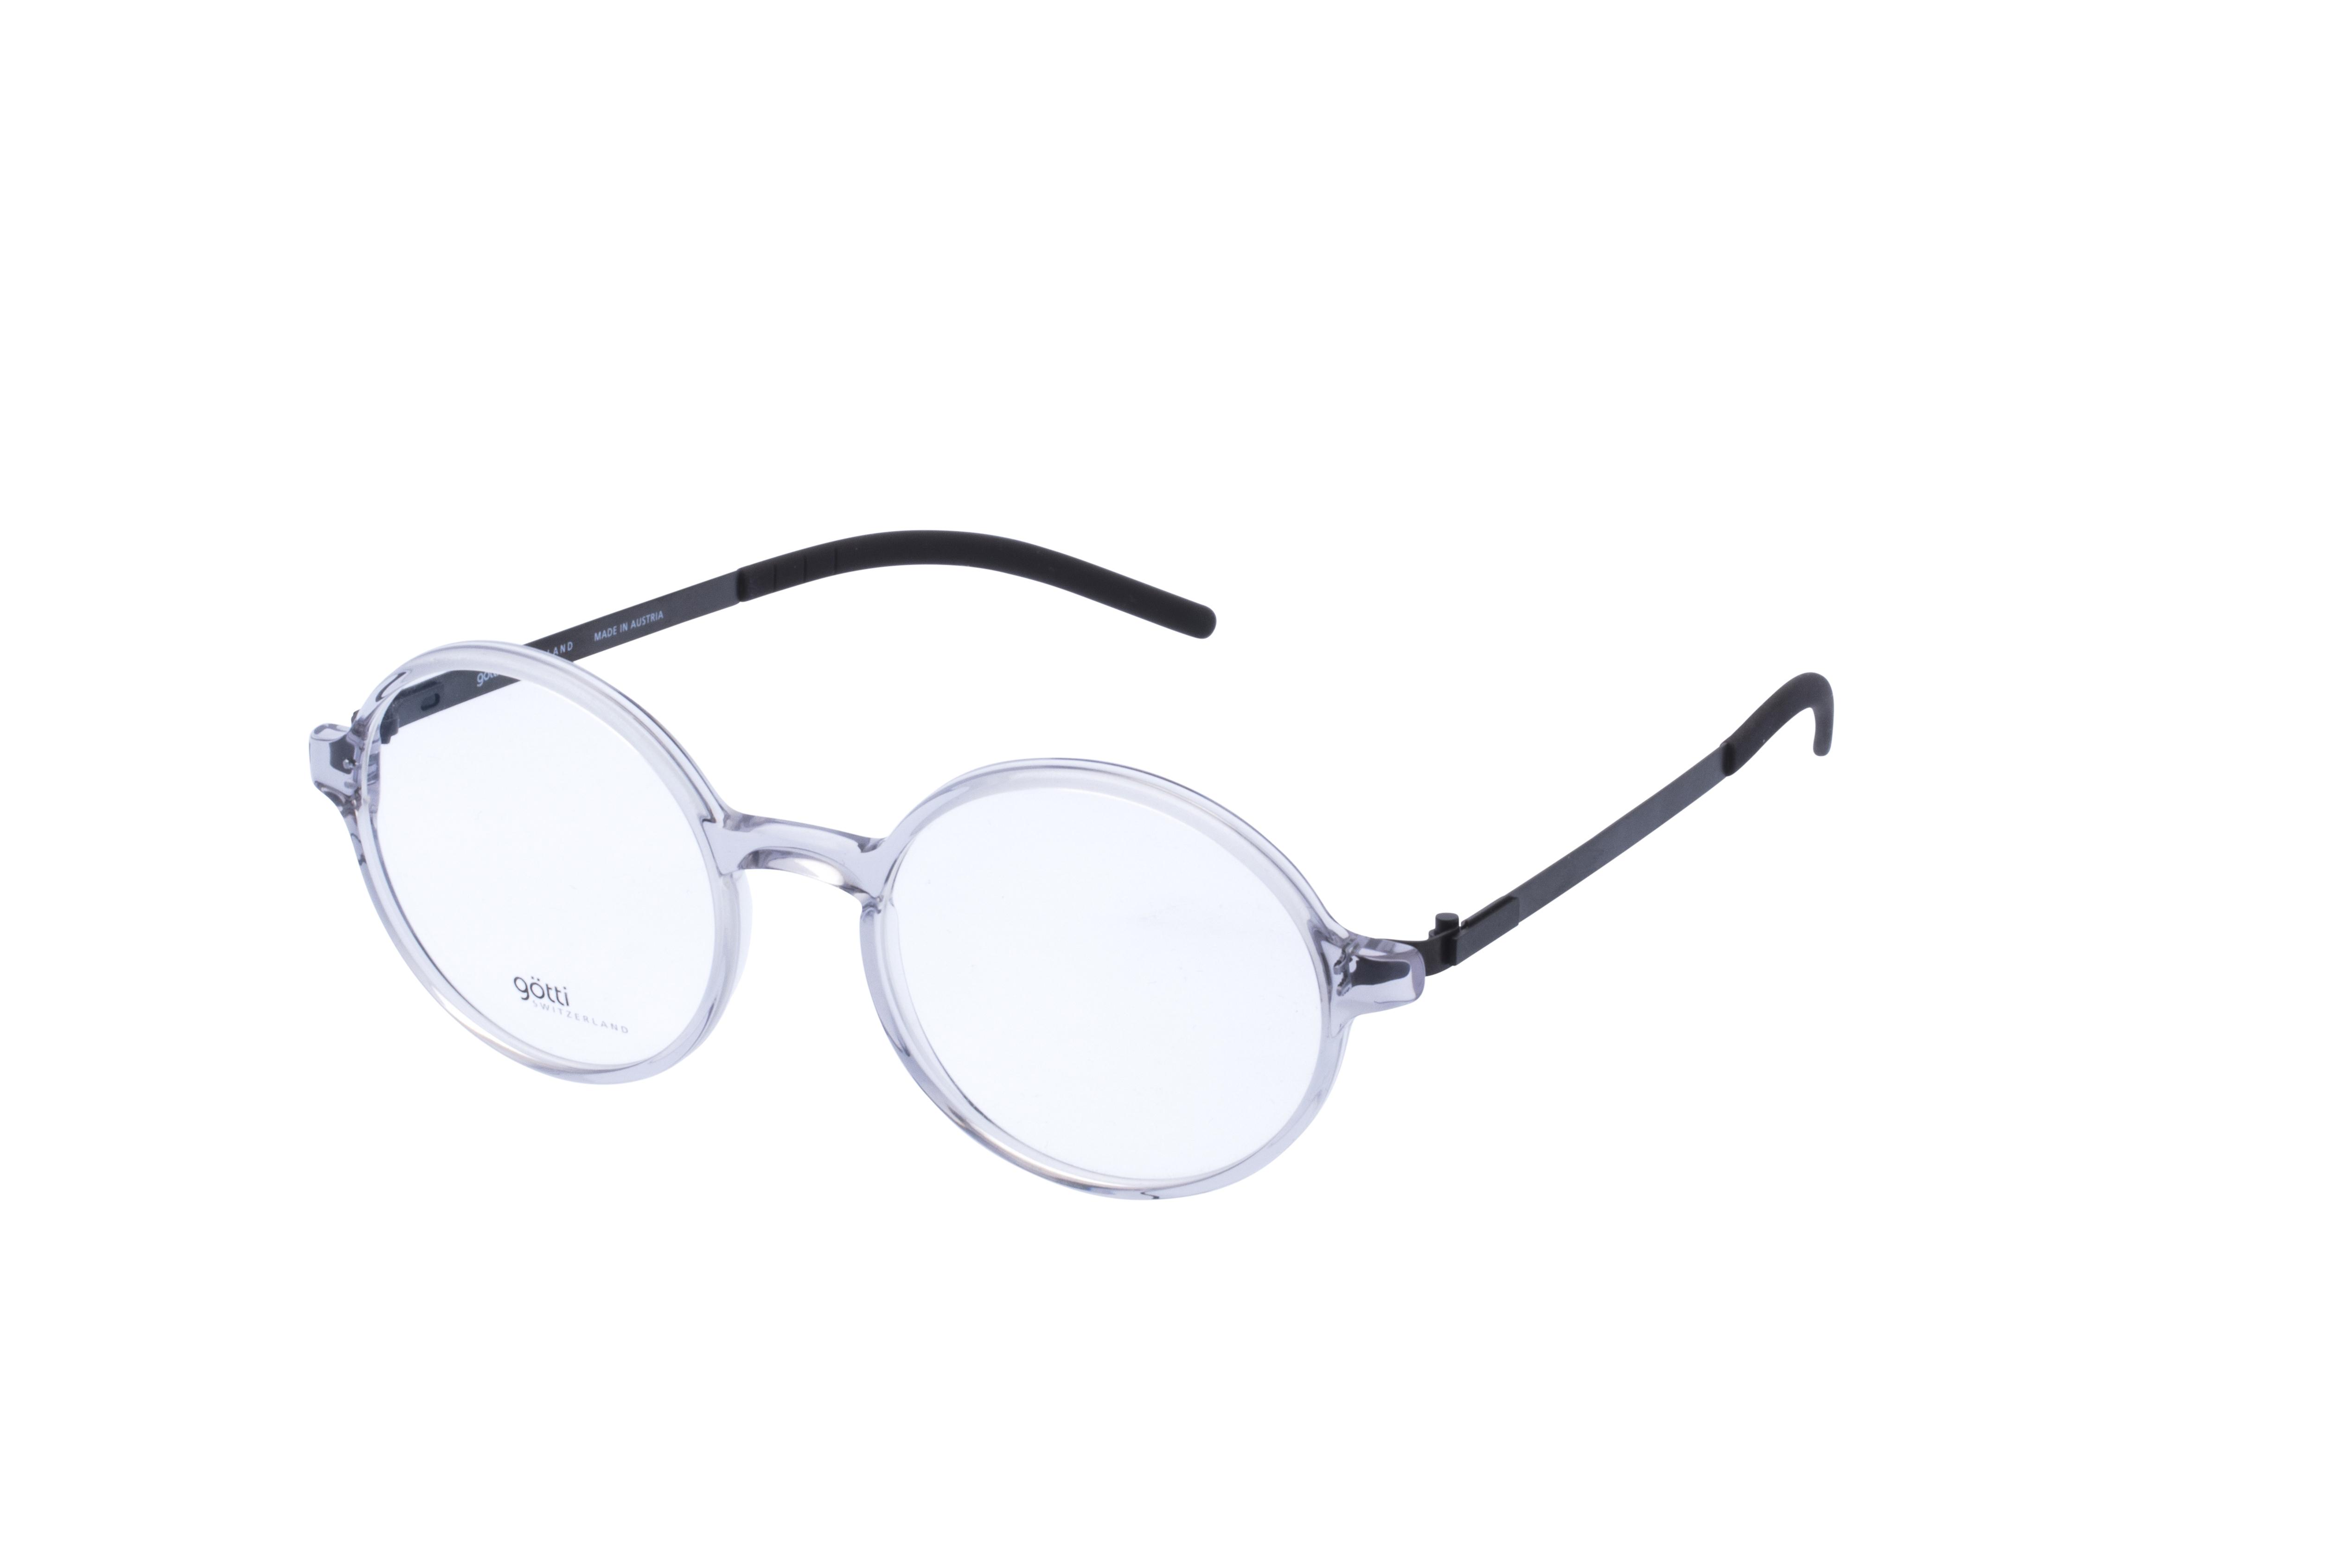 360 Grad Ansicht 22 Götti Sedrin, Brille auf Weiß - Fassung bei KUNK360 Grad Ansicht Götti Sedrin, Brille auf Weiß - Fassung bei KUNK